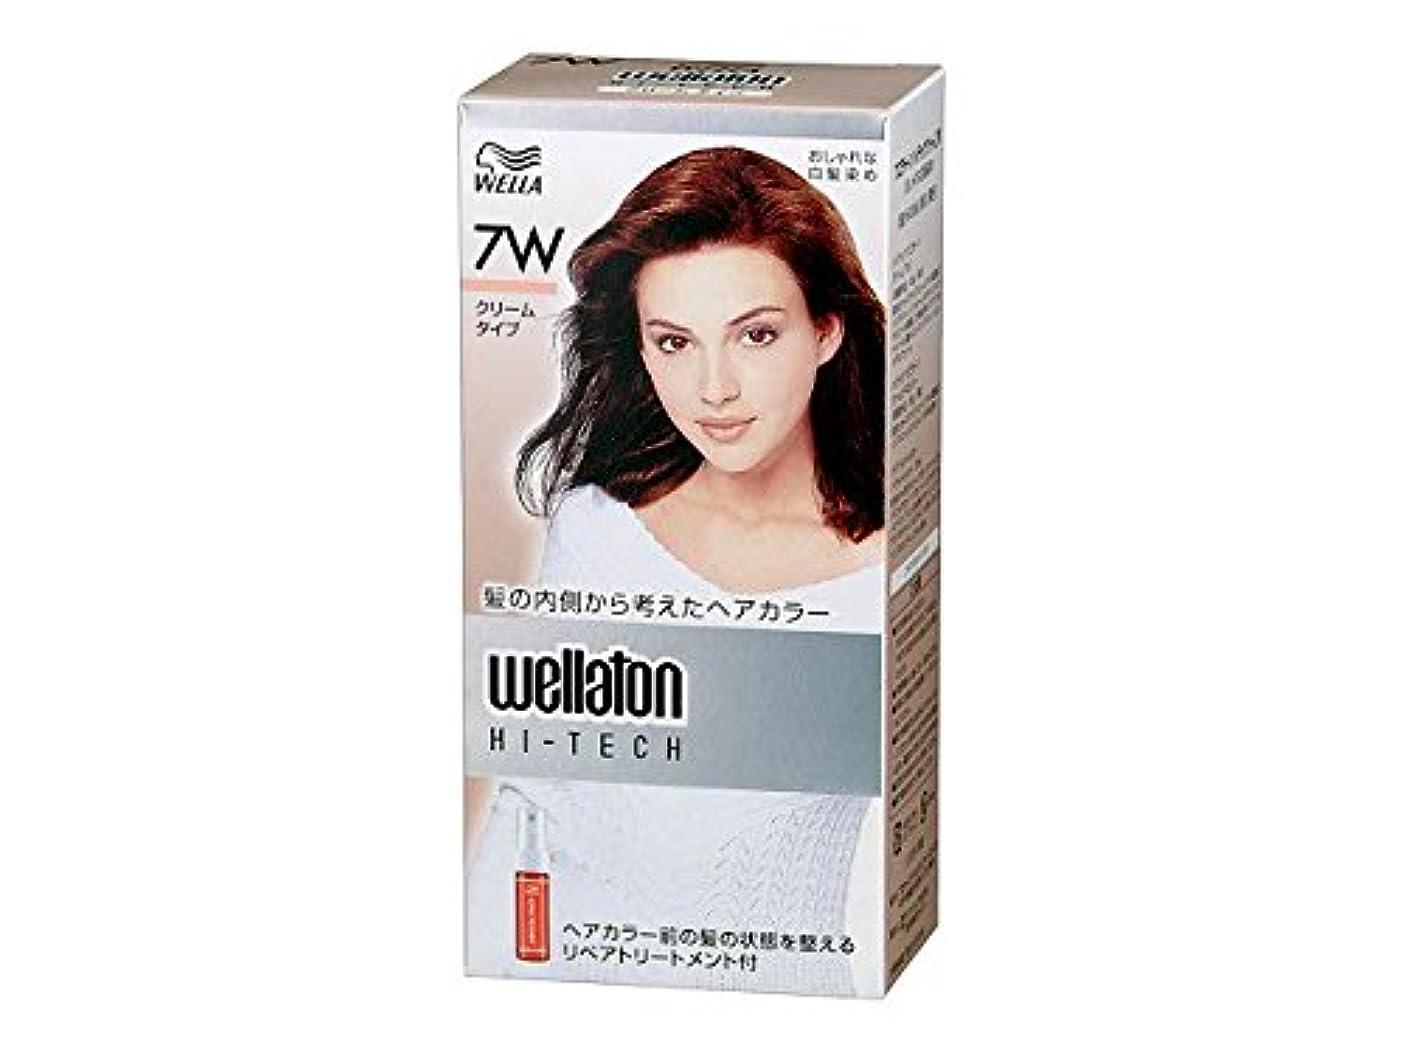 無人ミットスツール【ヘアケア】P&G ウエラトーン ハイテック クリーム 7W 暖かみのある明るい栗色 医薬部外品 白髪染めヘアカラー(女性用)×24点セット (4902565140541)